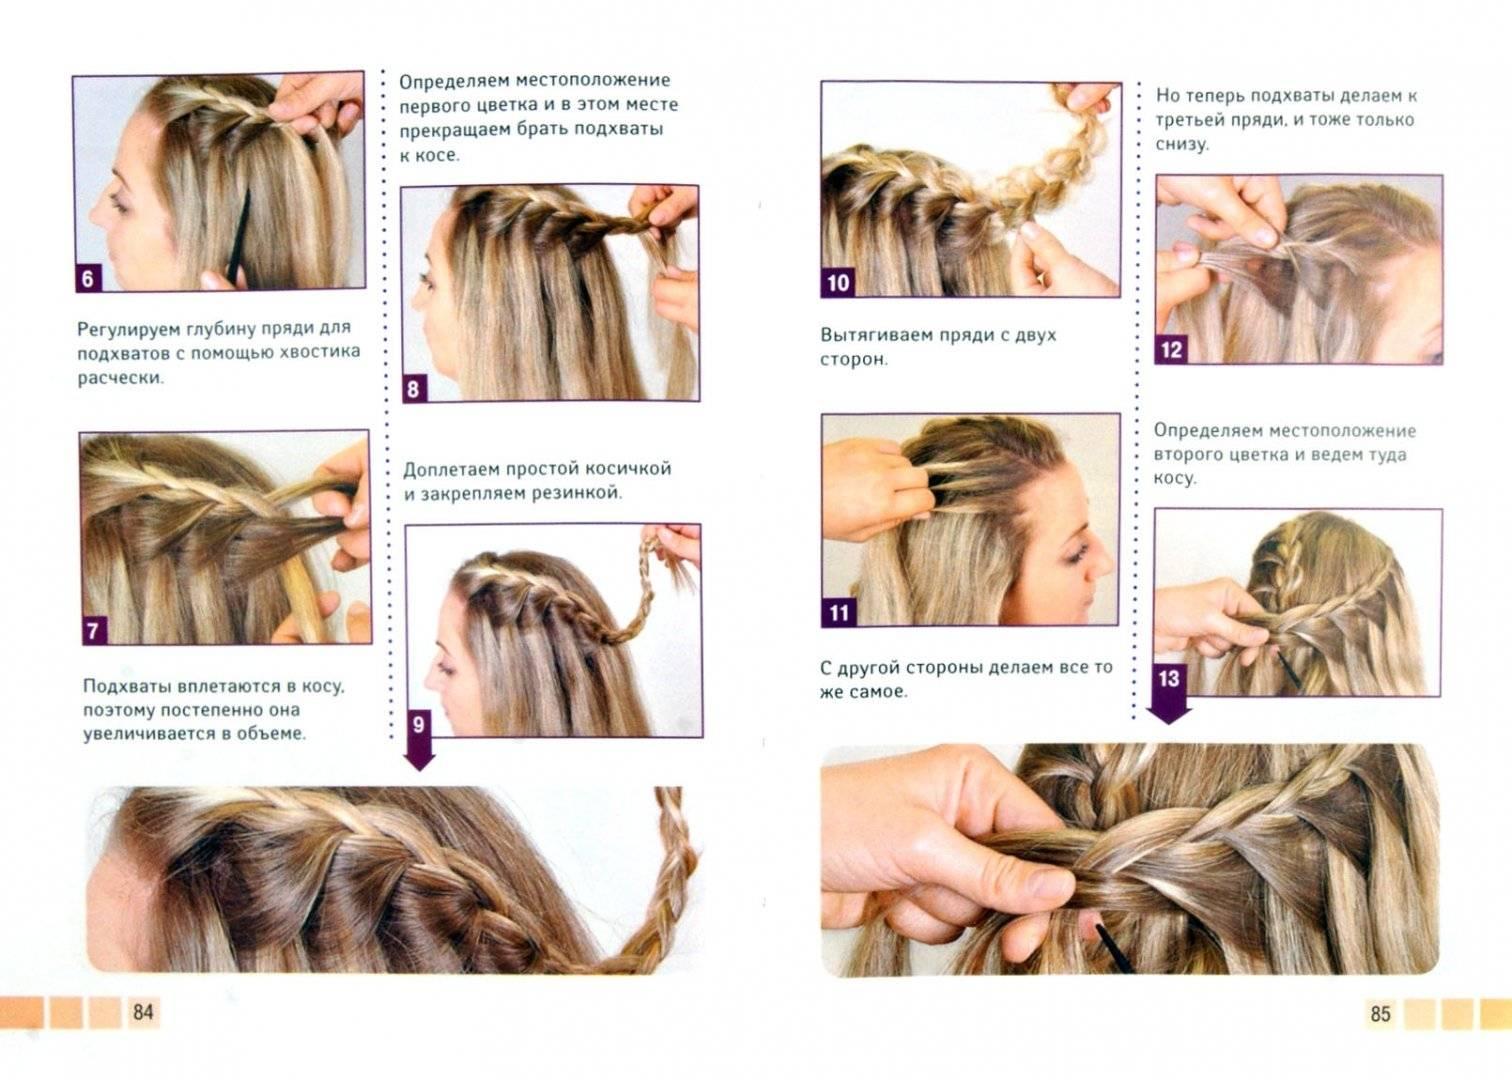 Заплетаем косы самой себе: 20 способов для начинающих